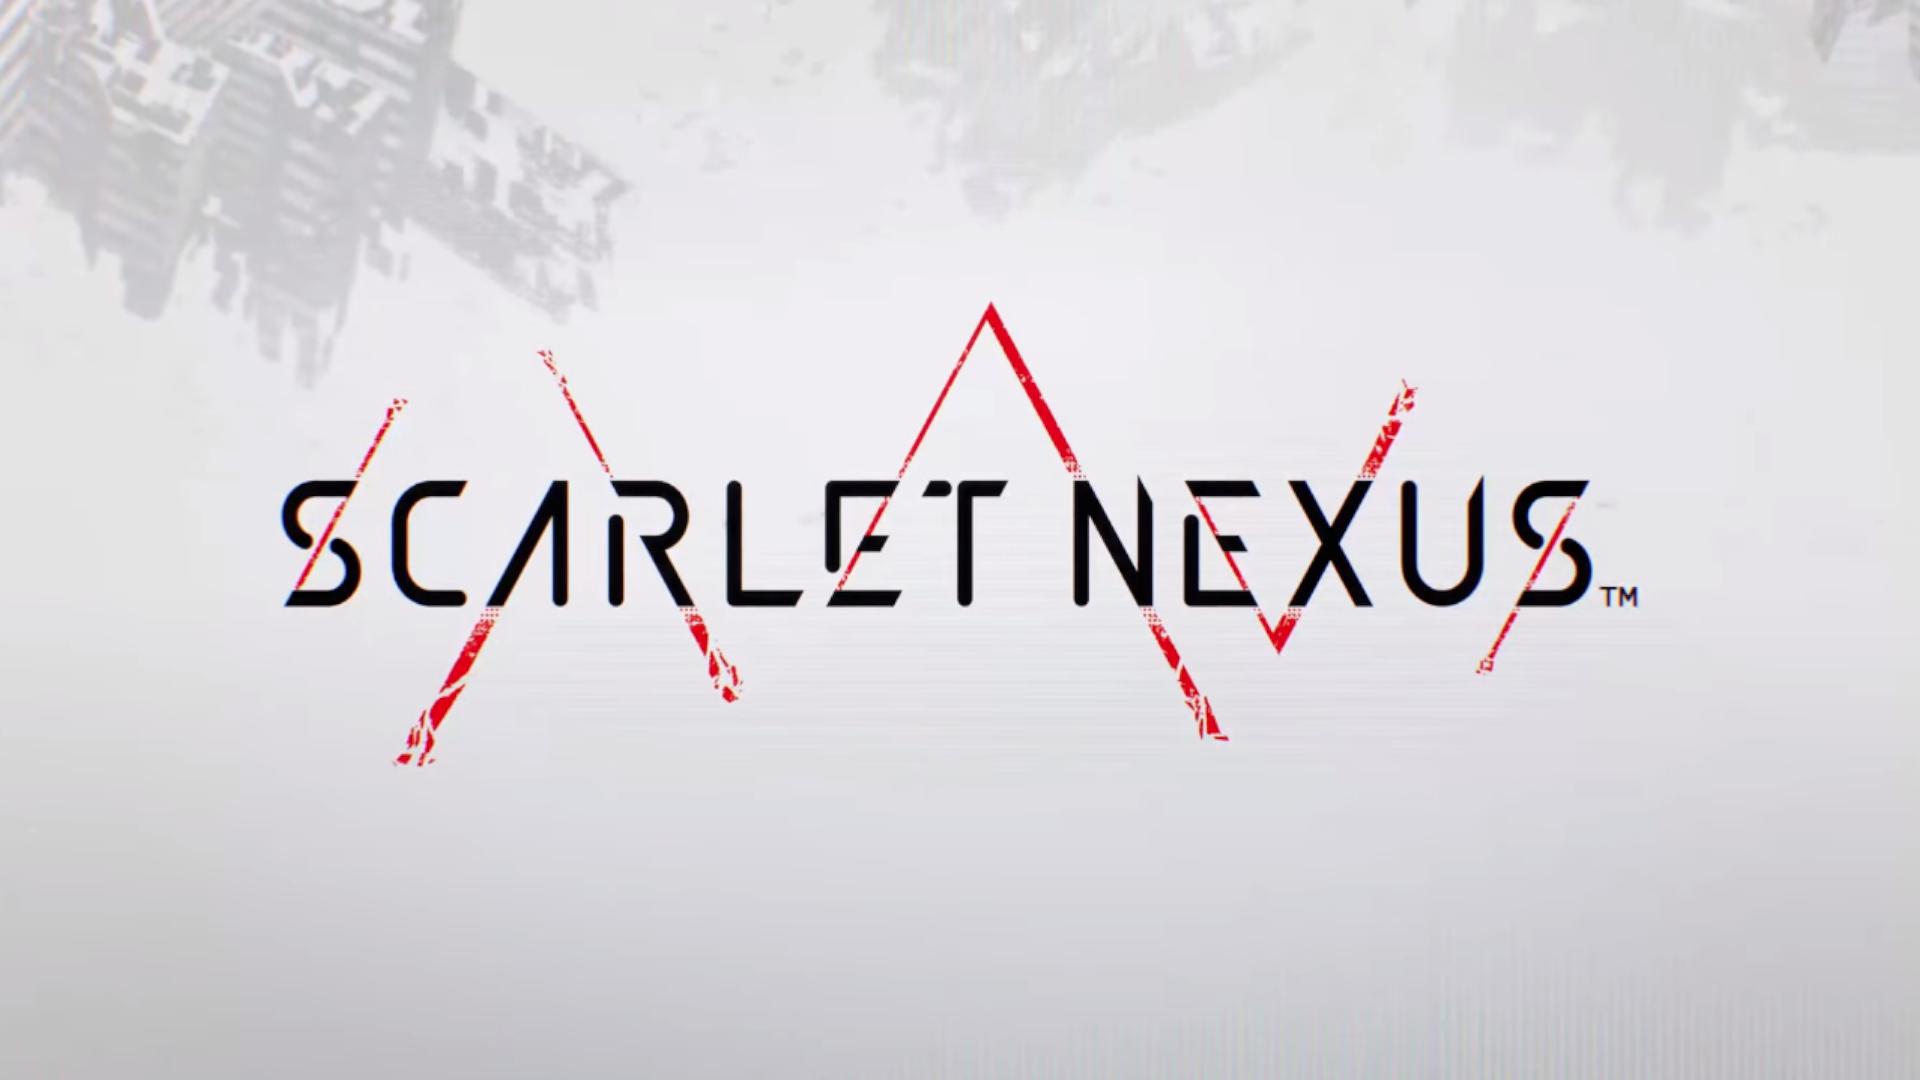 scarlet nexus logo wallpaper 72379